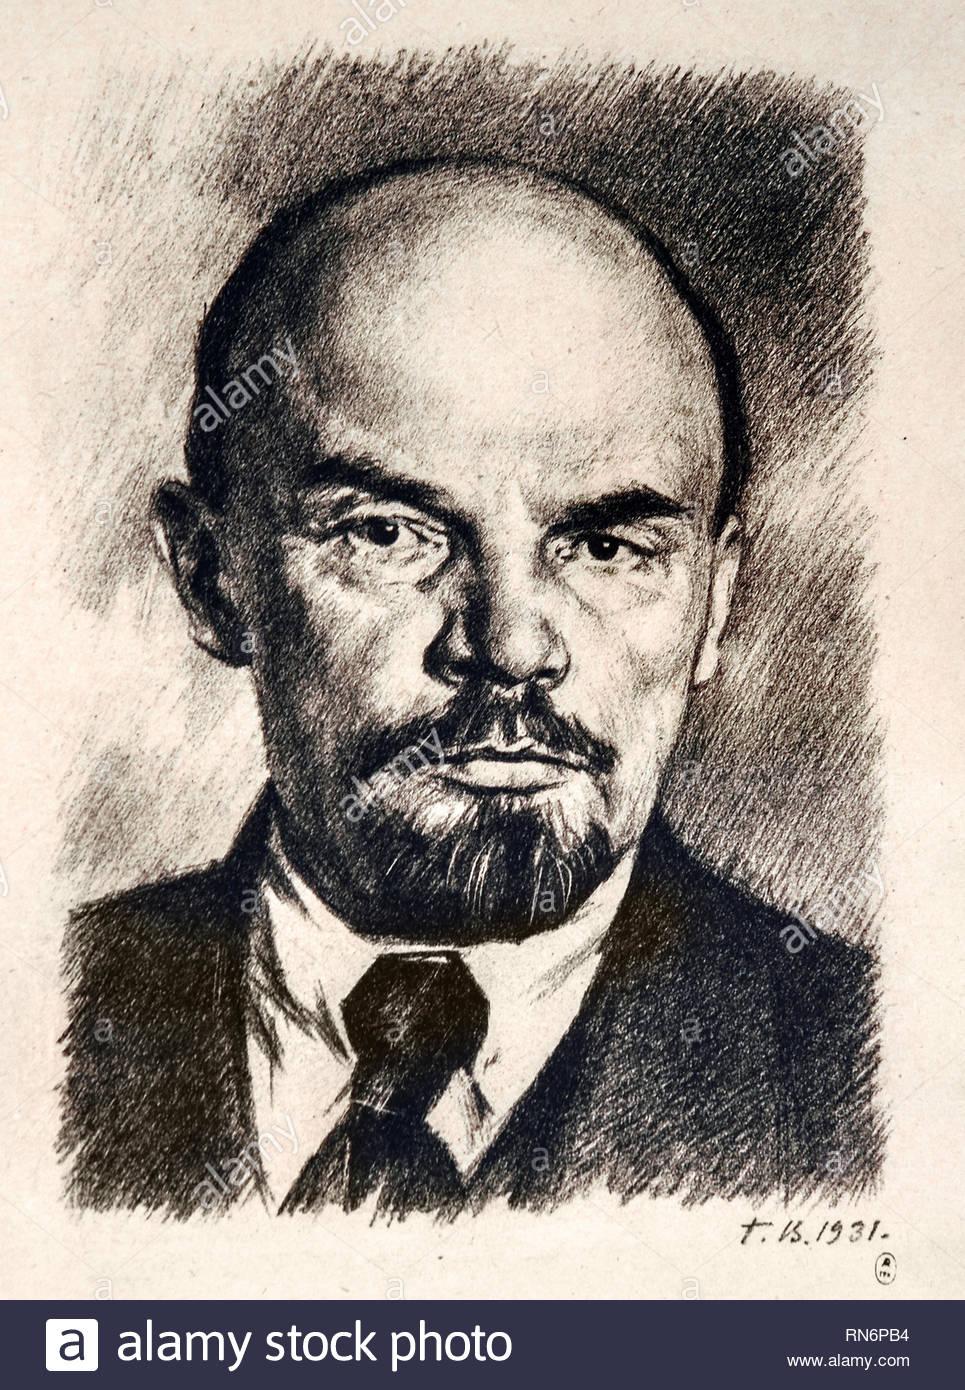 Ritratto di Lenin 1931 Unione Sovietica propaganda comunista (Russia sotto Lenin e Stalin1921-1953 ). Immagini Stock